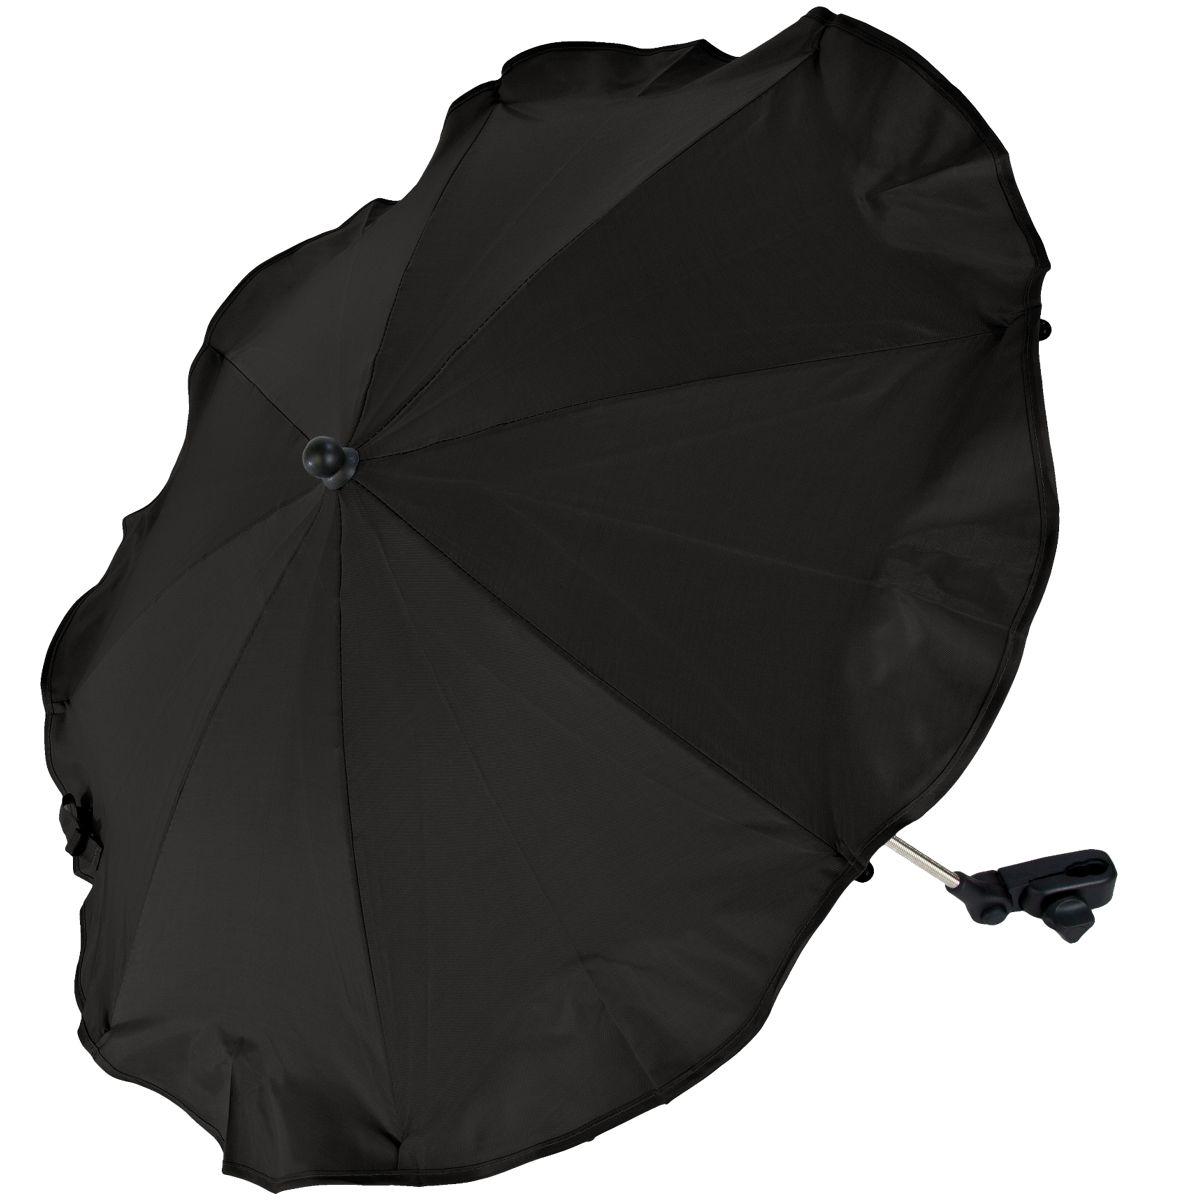 sonnenschirm schirm f r kinderwagen buggy uv schutz 50 baby sonnenschutz ebay. Black Bedroom Furniture Sets. Home Design Ideas